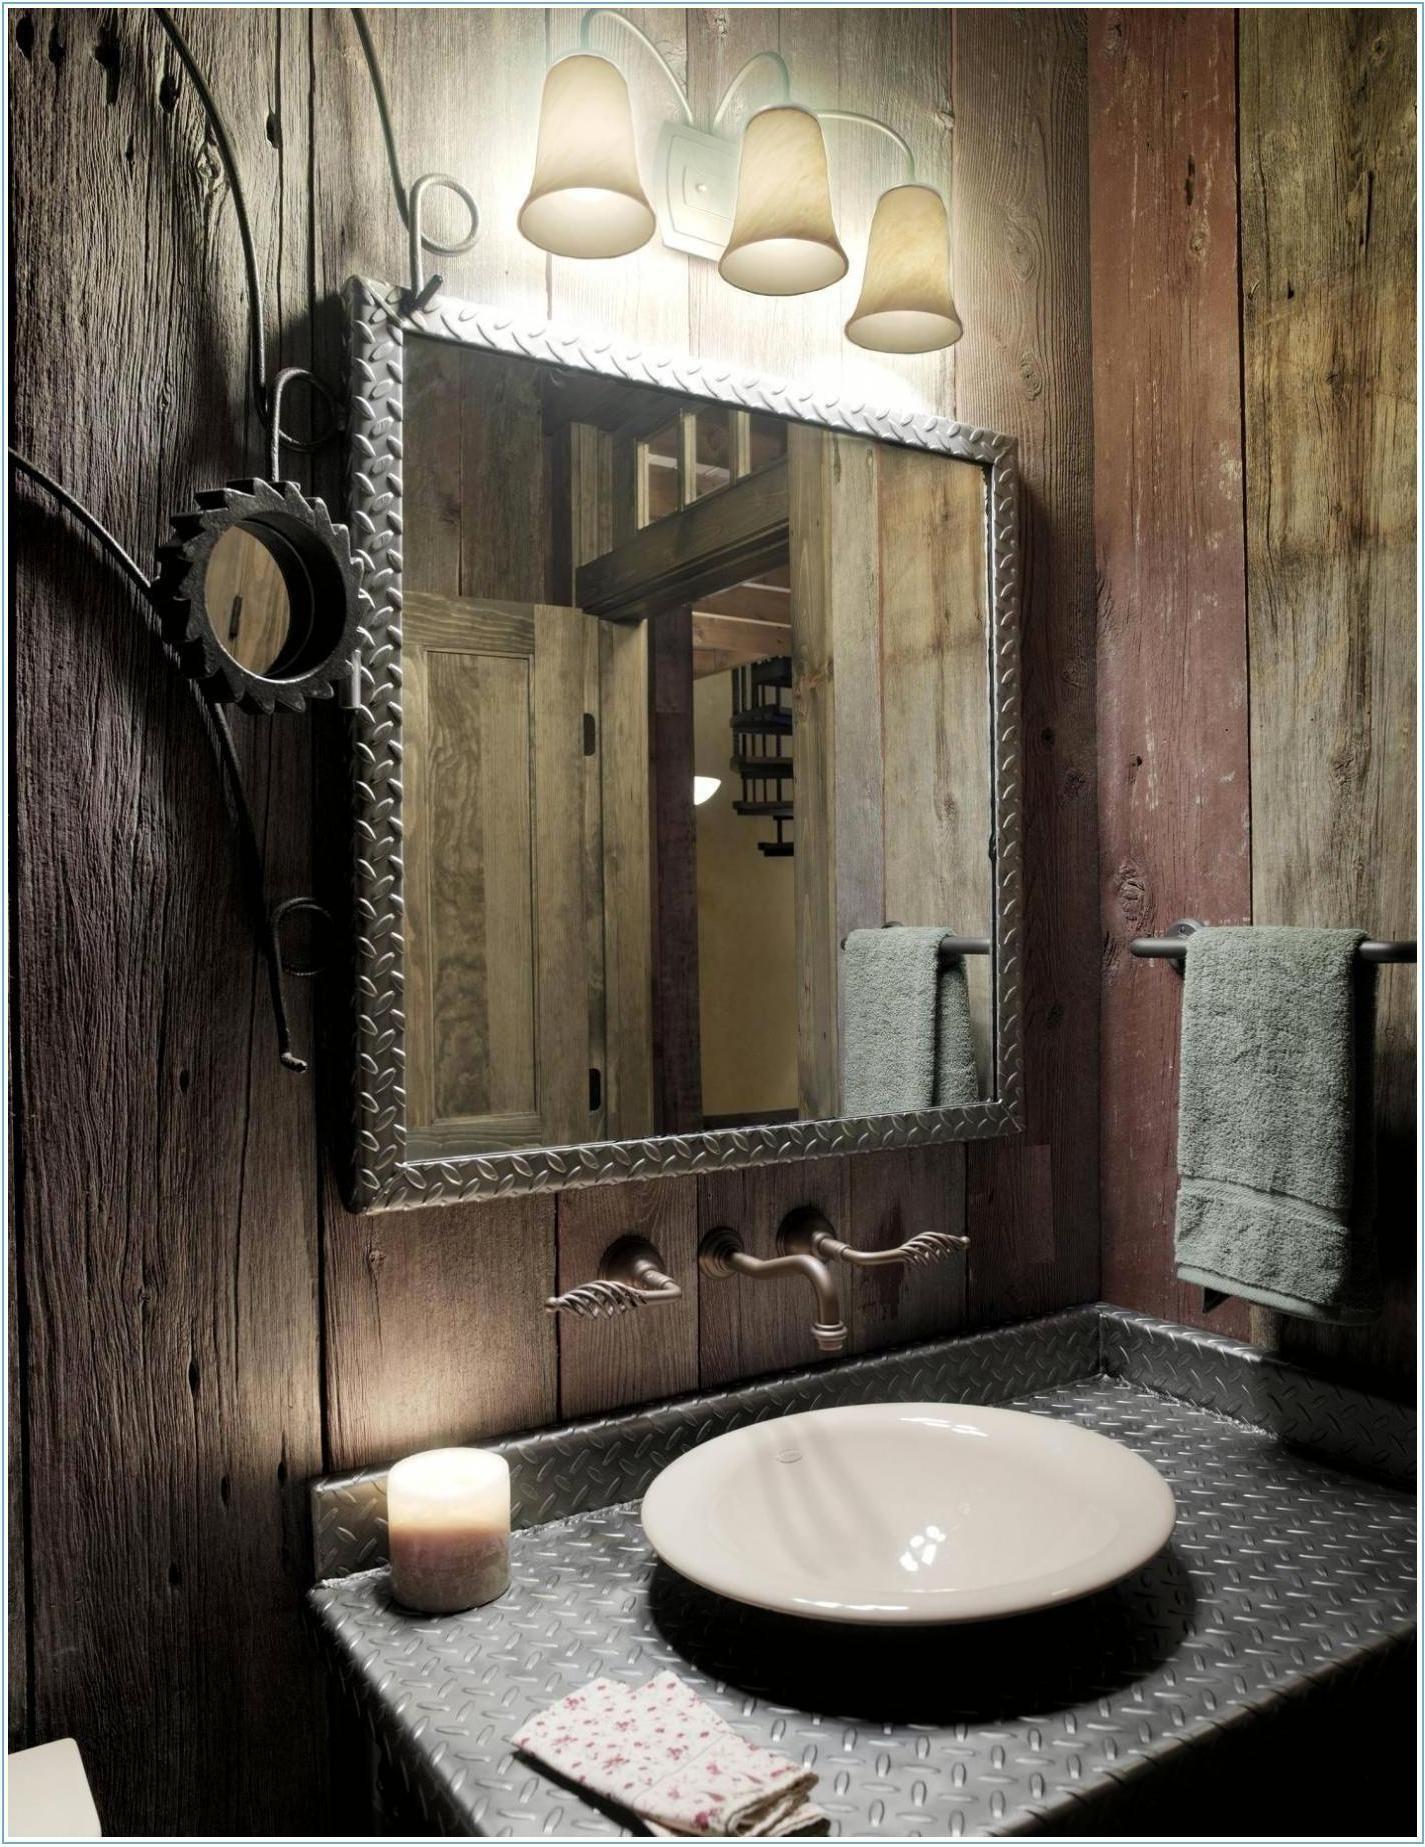 French country bathroom decor - Steampunk Bathroom Plus New Bathroom Pinterest Bathroom Ideas